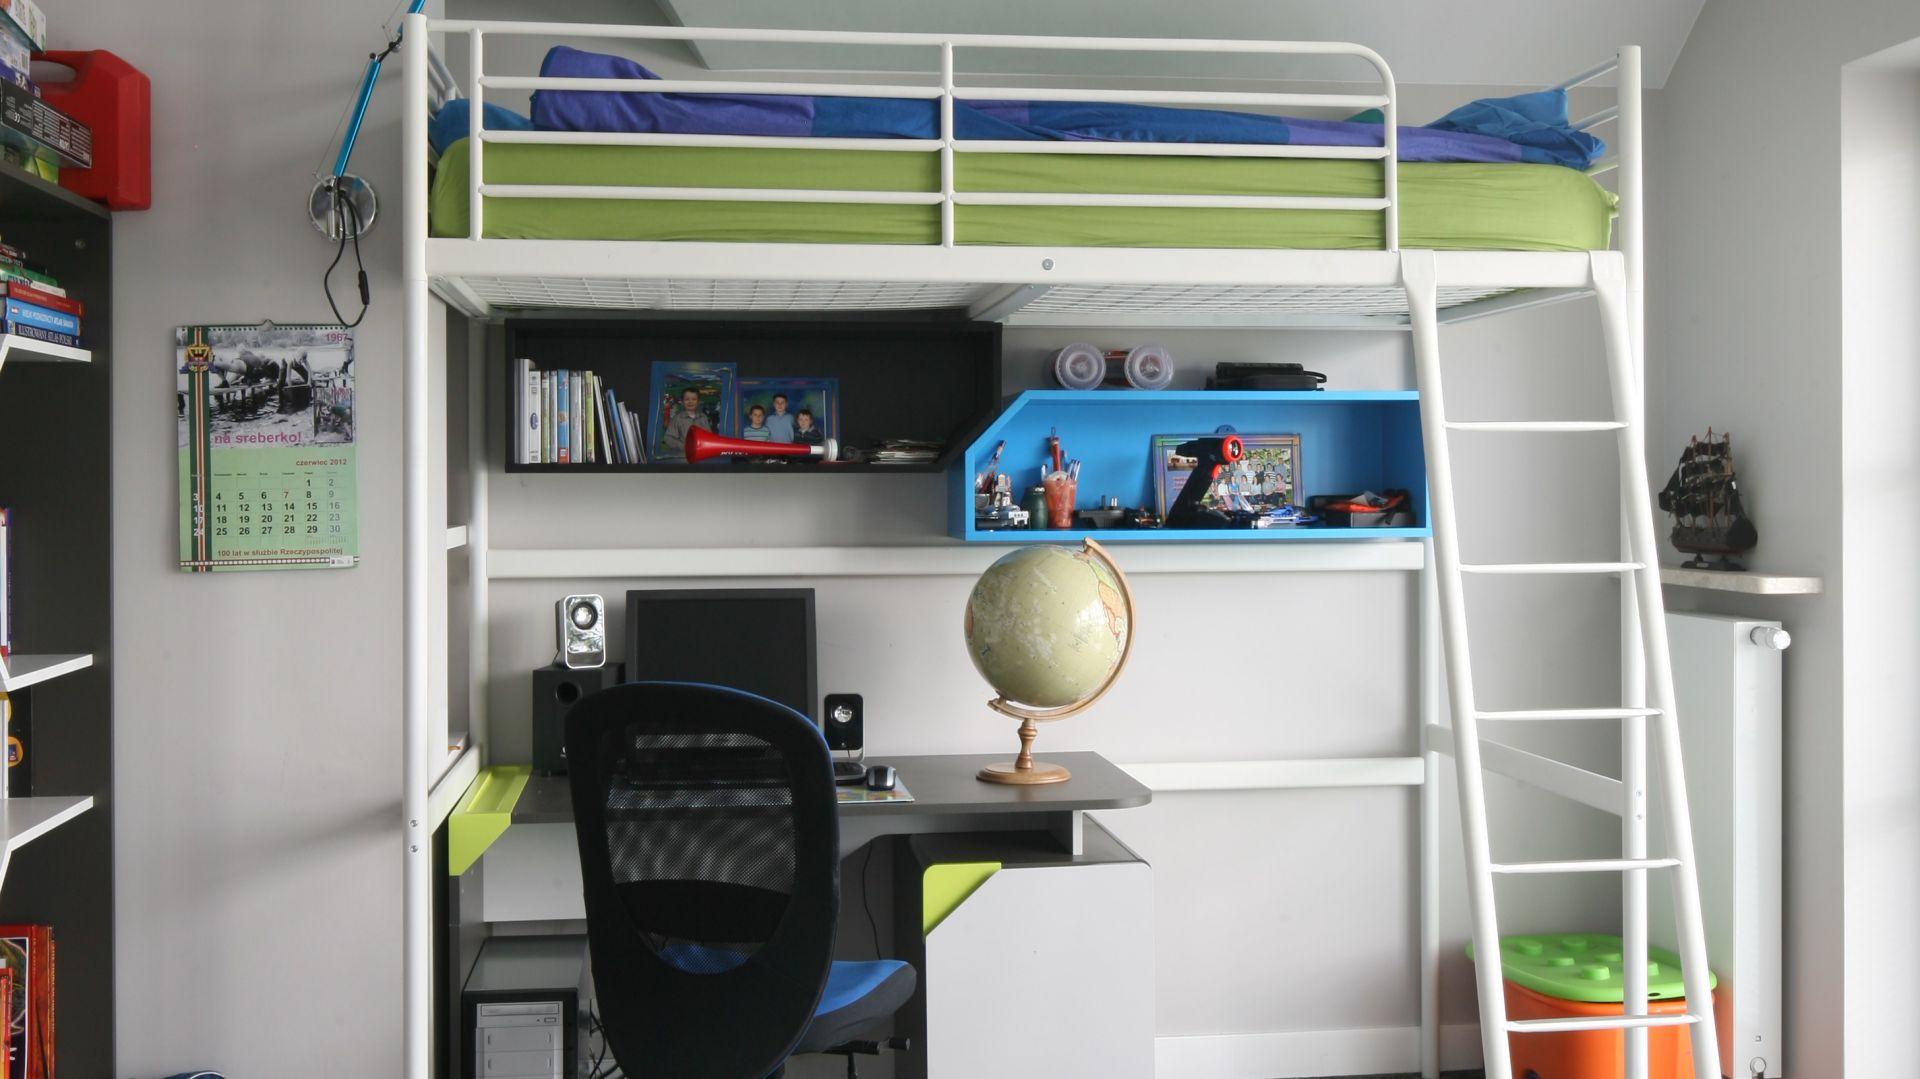 Przy łóżku zamontowano małą, techniczną lampkę, dzięki której dziecko może czytać książki przed snem. Fot. Bartosz Jarosz.